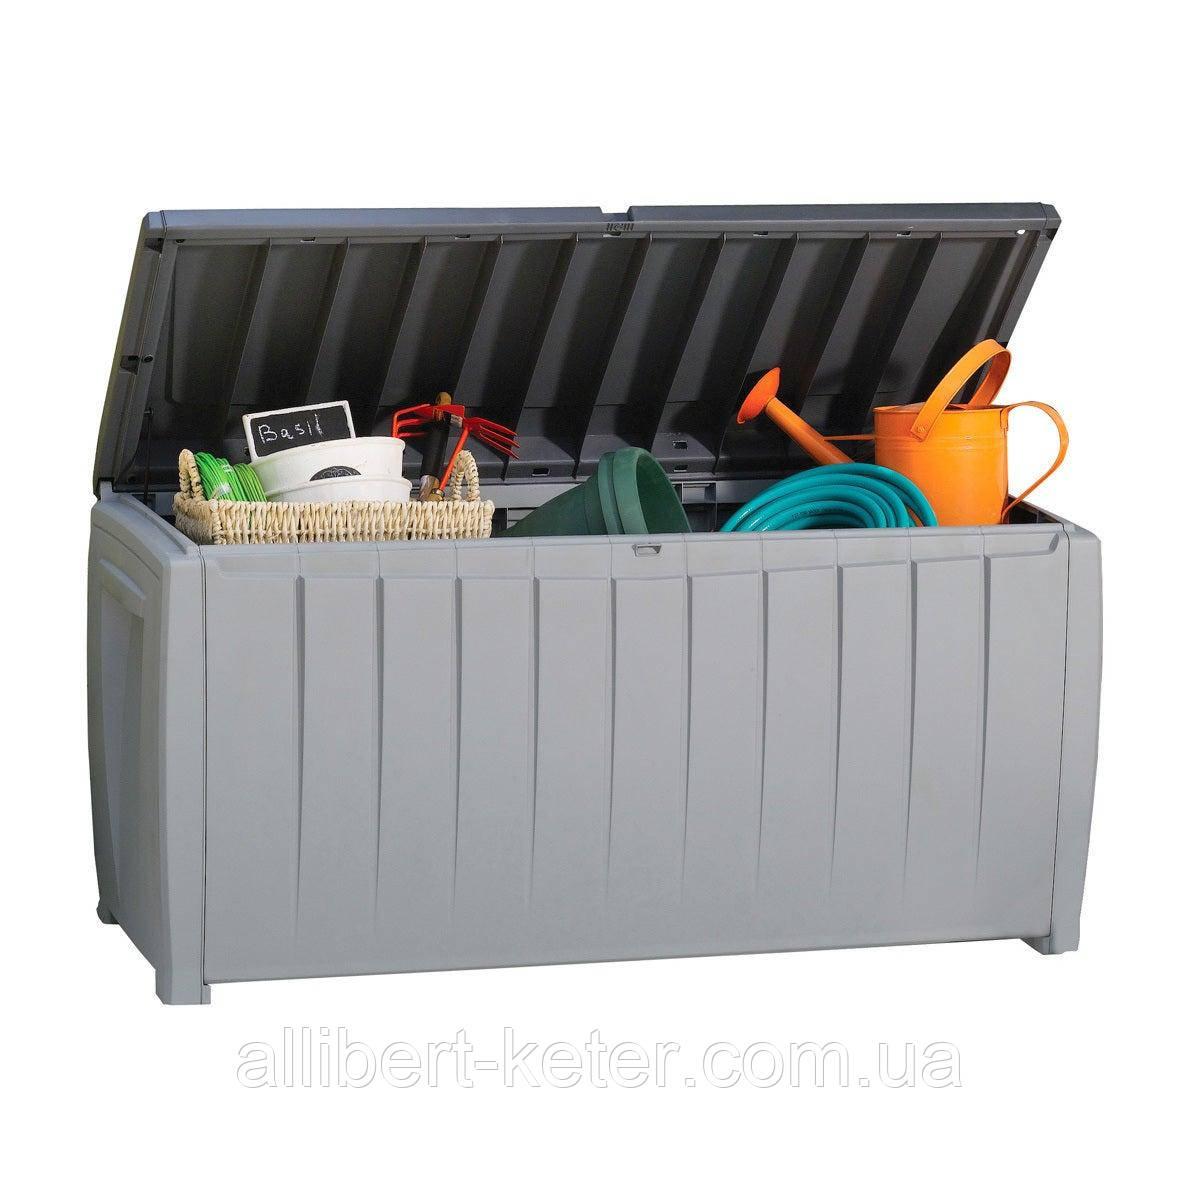 Садовий стінна шафа, скриня для зберігання Keter Novel Storage Box 340 L